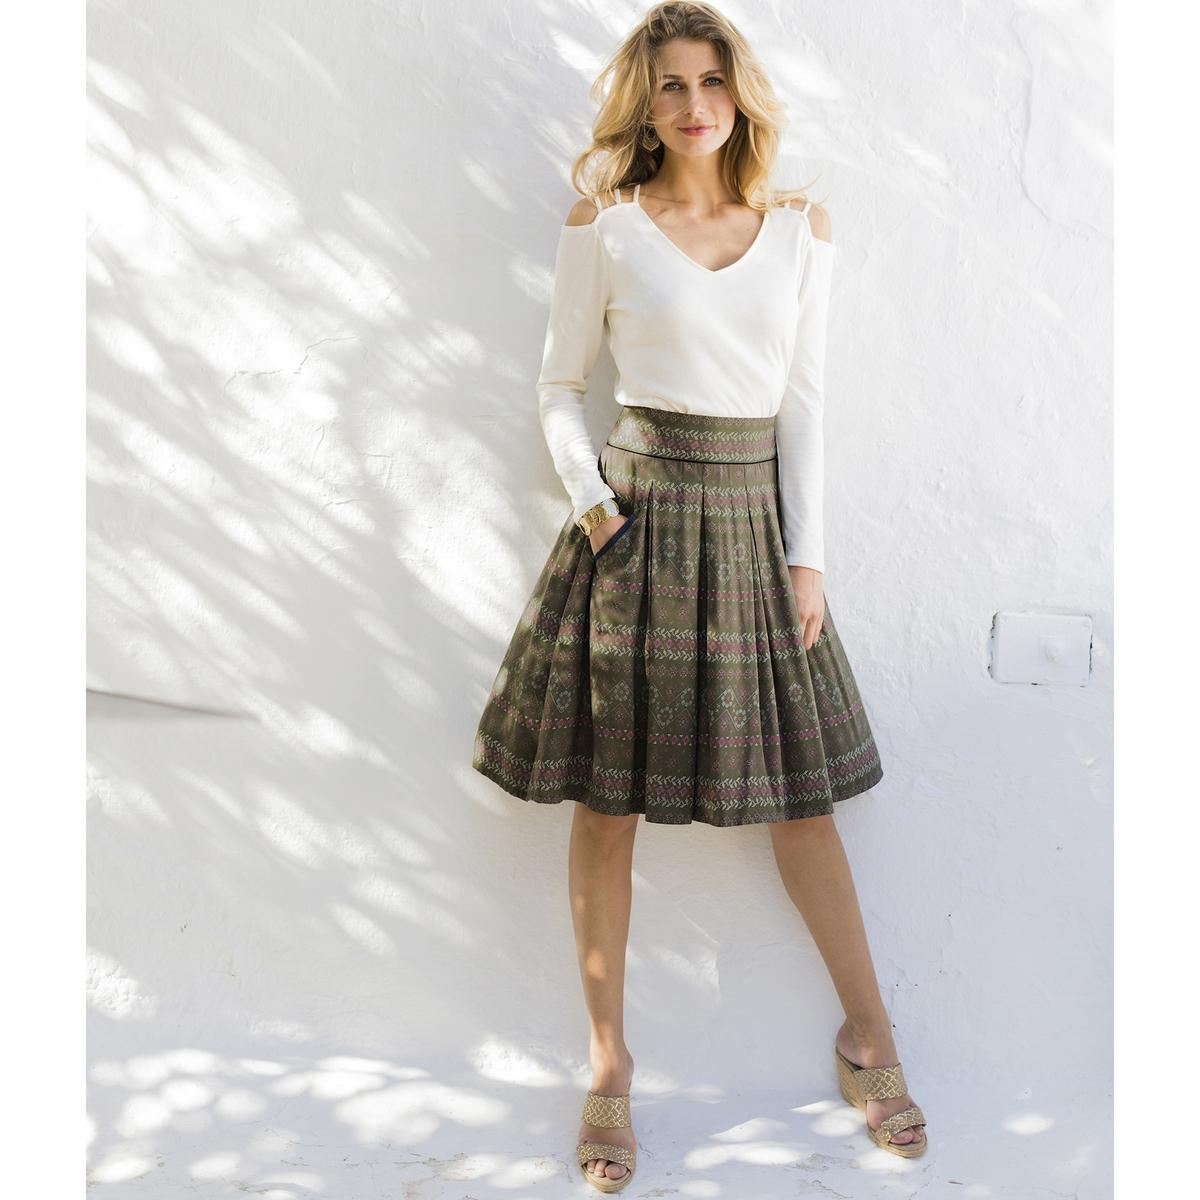 Imagen secundaria de producto de Falda estampada evasé, de tejido vaporoso - Anne weyburn